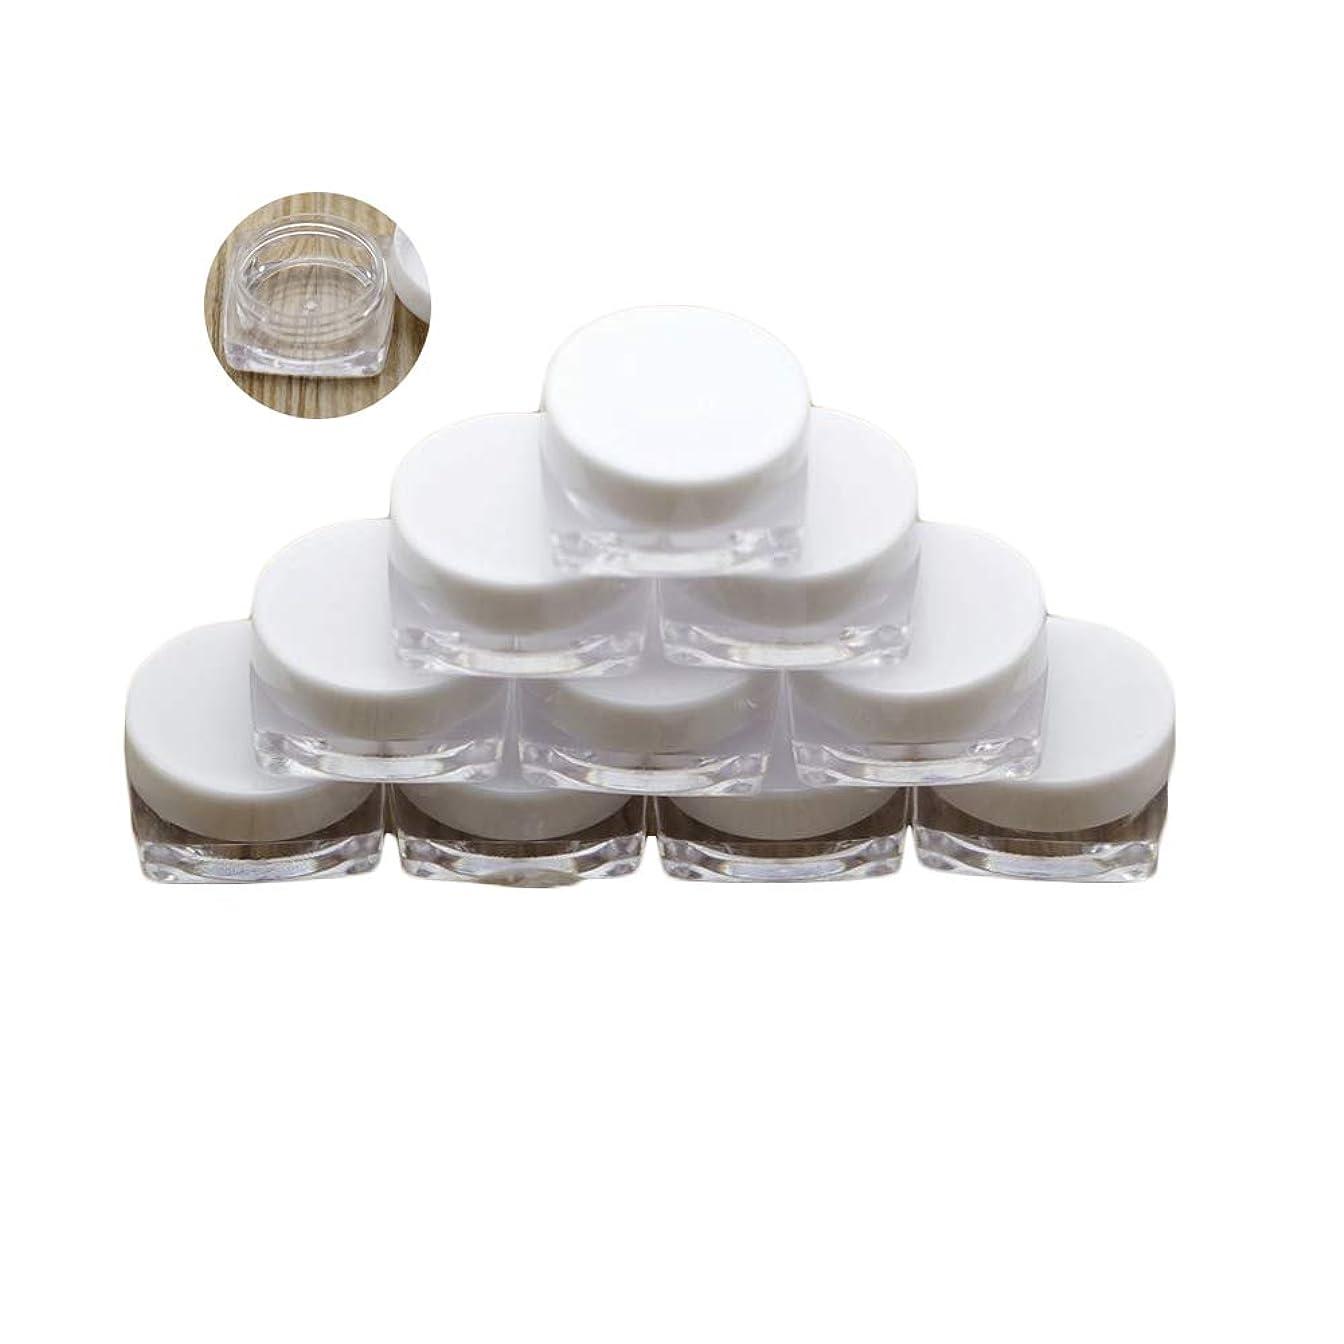 鳴らすライブ成分NUOMI 20個 3g 小分け容器 小分けボトル ミニ クリームケース ジャーポット 化粧品 詰め替えボトル クリア パウダーボックス アイシャドウ リップ クリーム 手作り 密封性 携帯用 収納 旅行 ホワイト